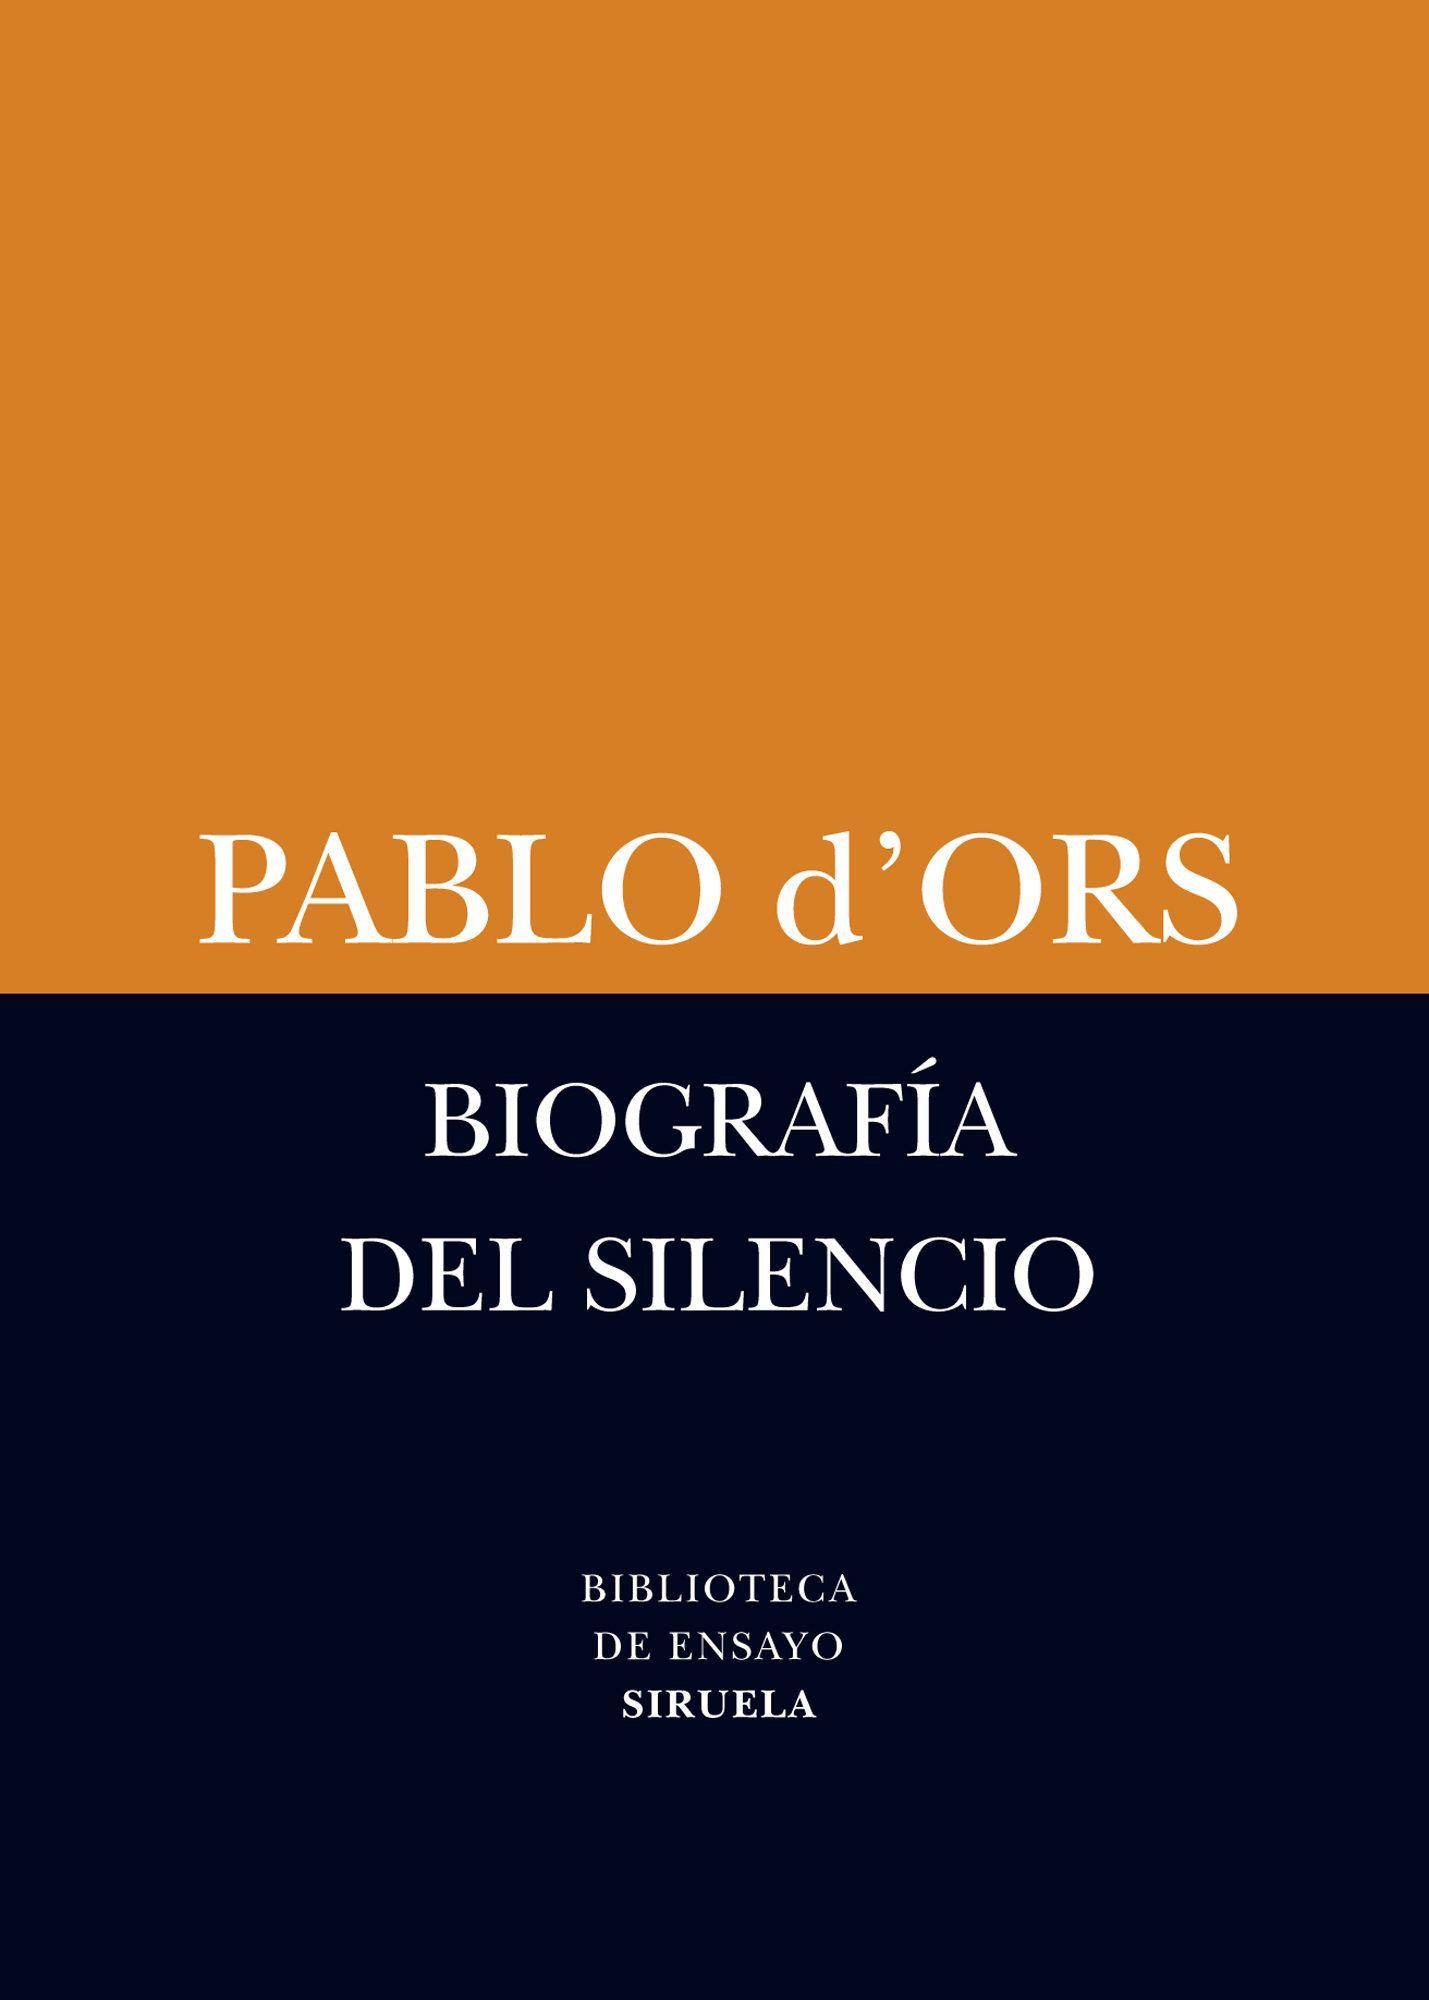 Biografia Del Silencio Pablo D Ors 9788498418385 Comprar El Libro Biografía Libros Leer